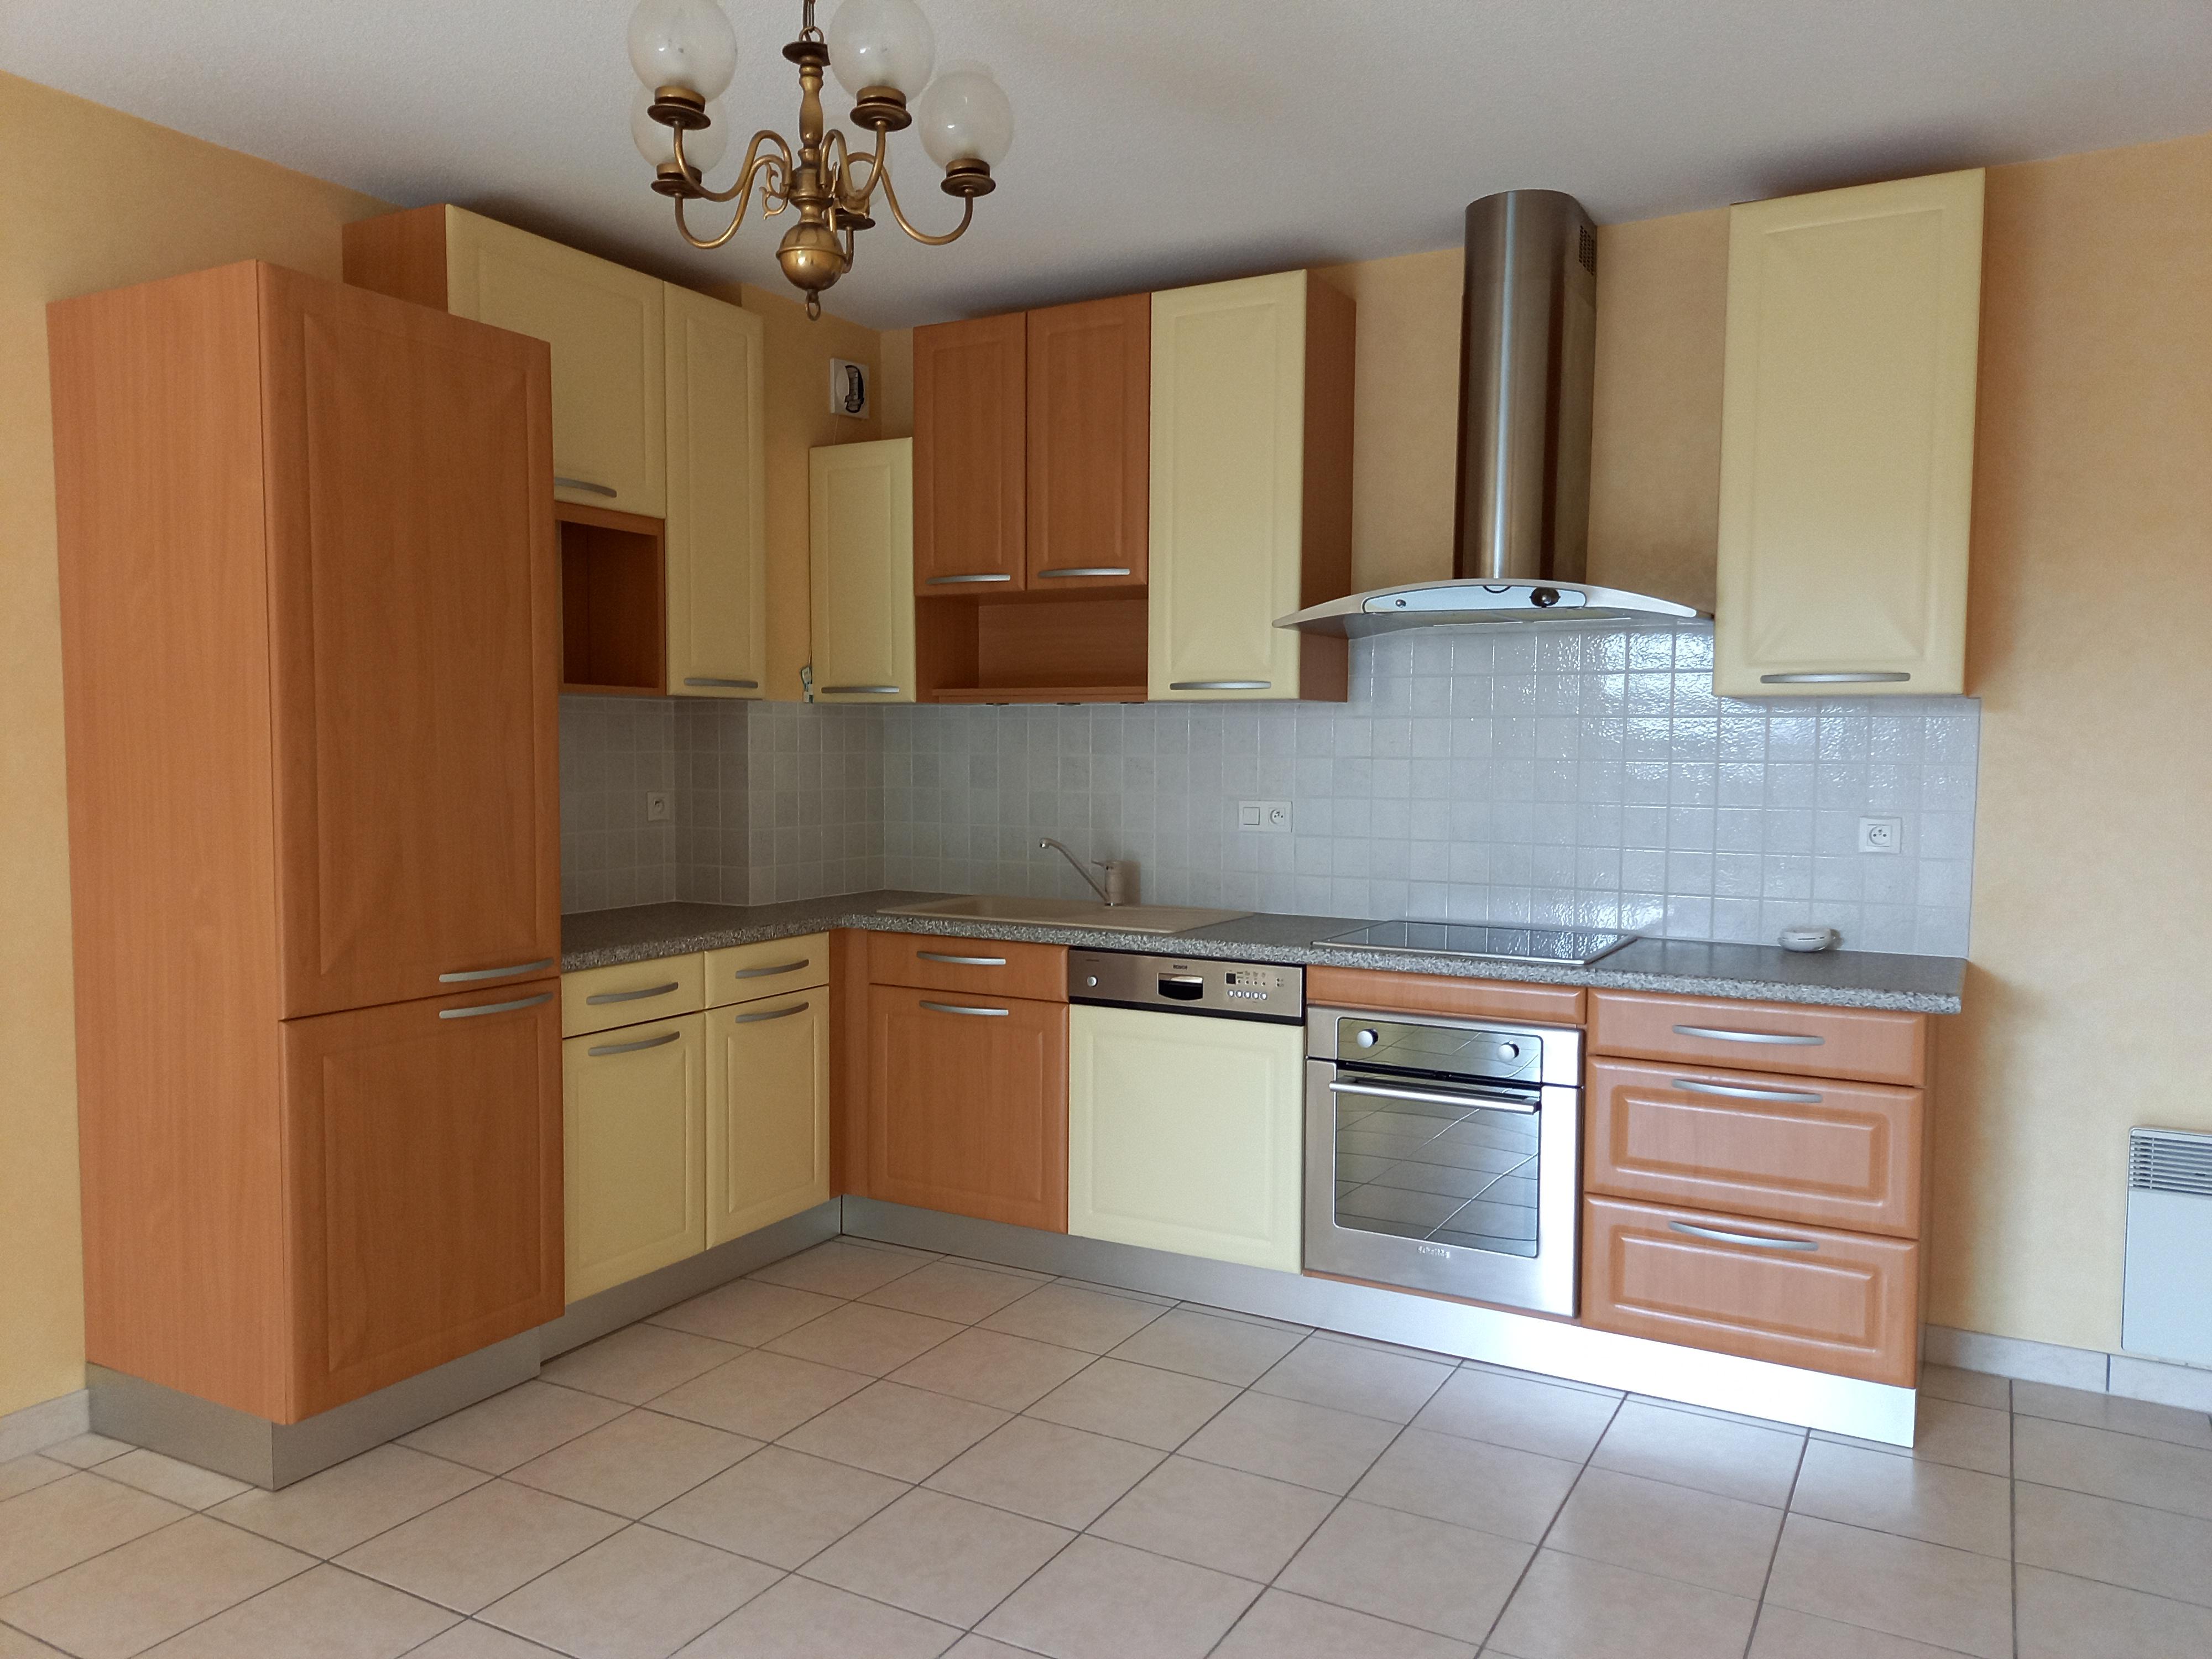 Appartement T2 en parfait état à vendre en résidence à FIGEAC